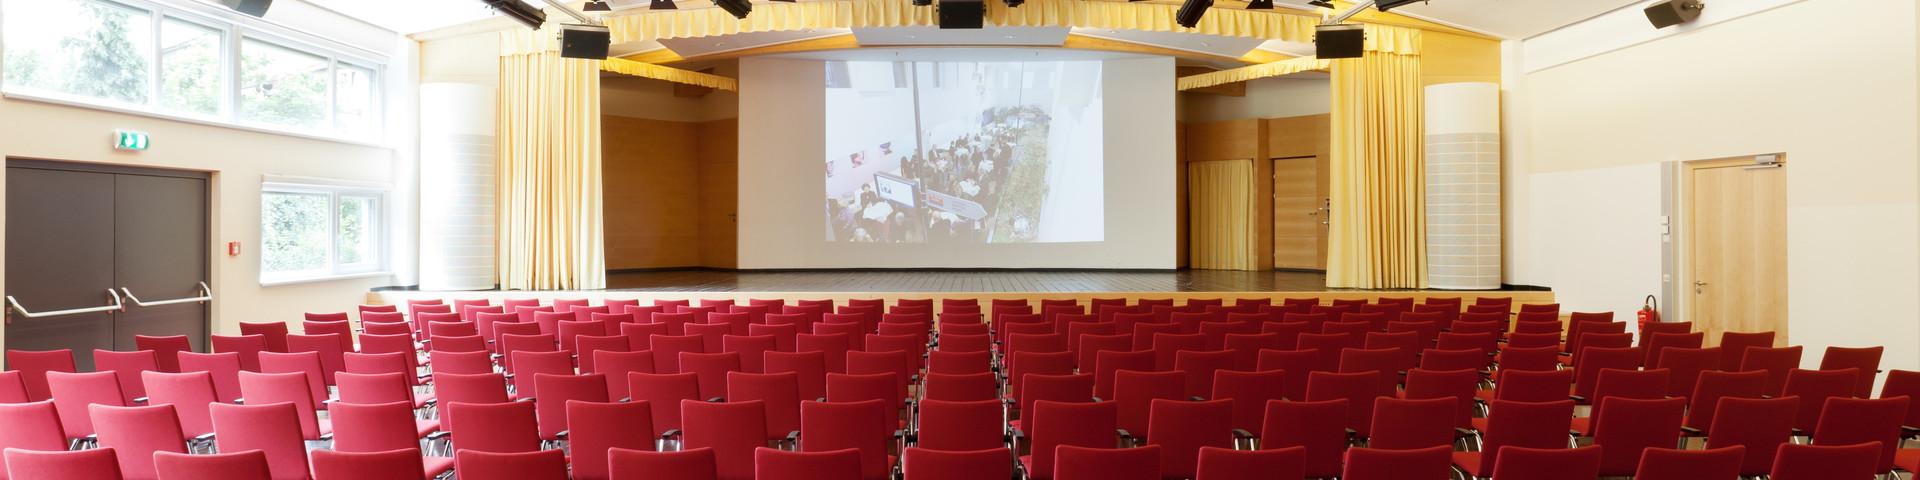 Krone Center Graz - Veranstaltungssaal Jupiter © Markus Kaiser